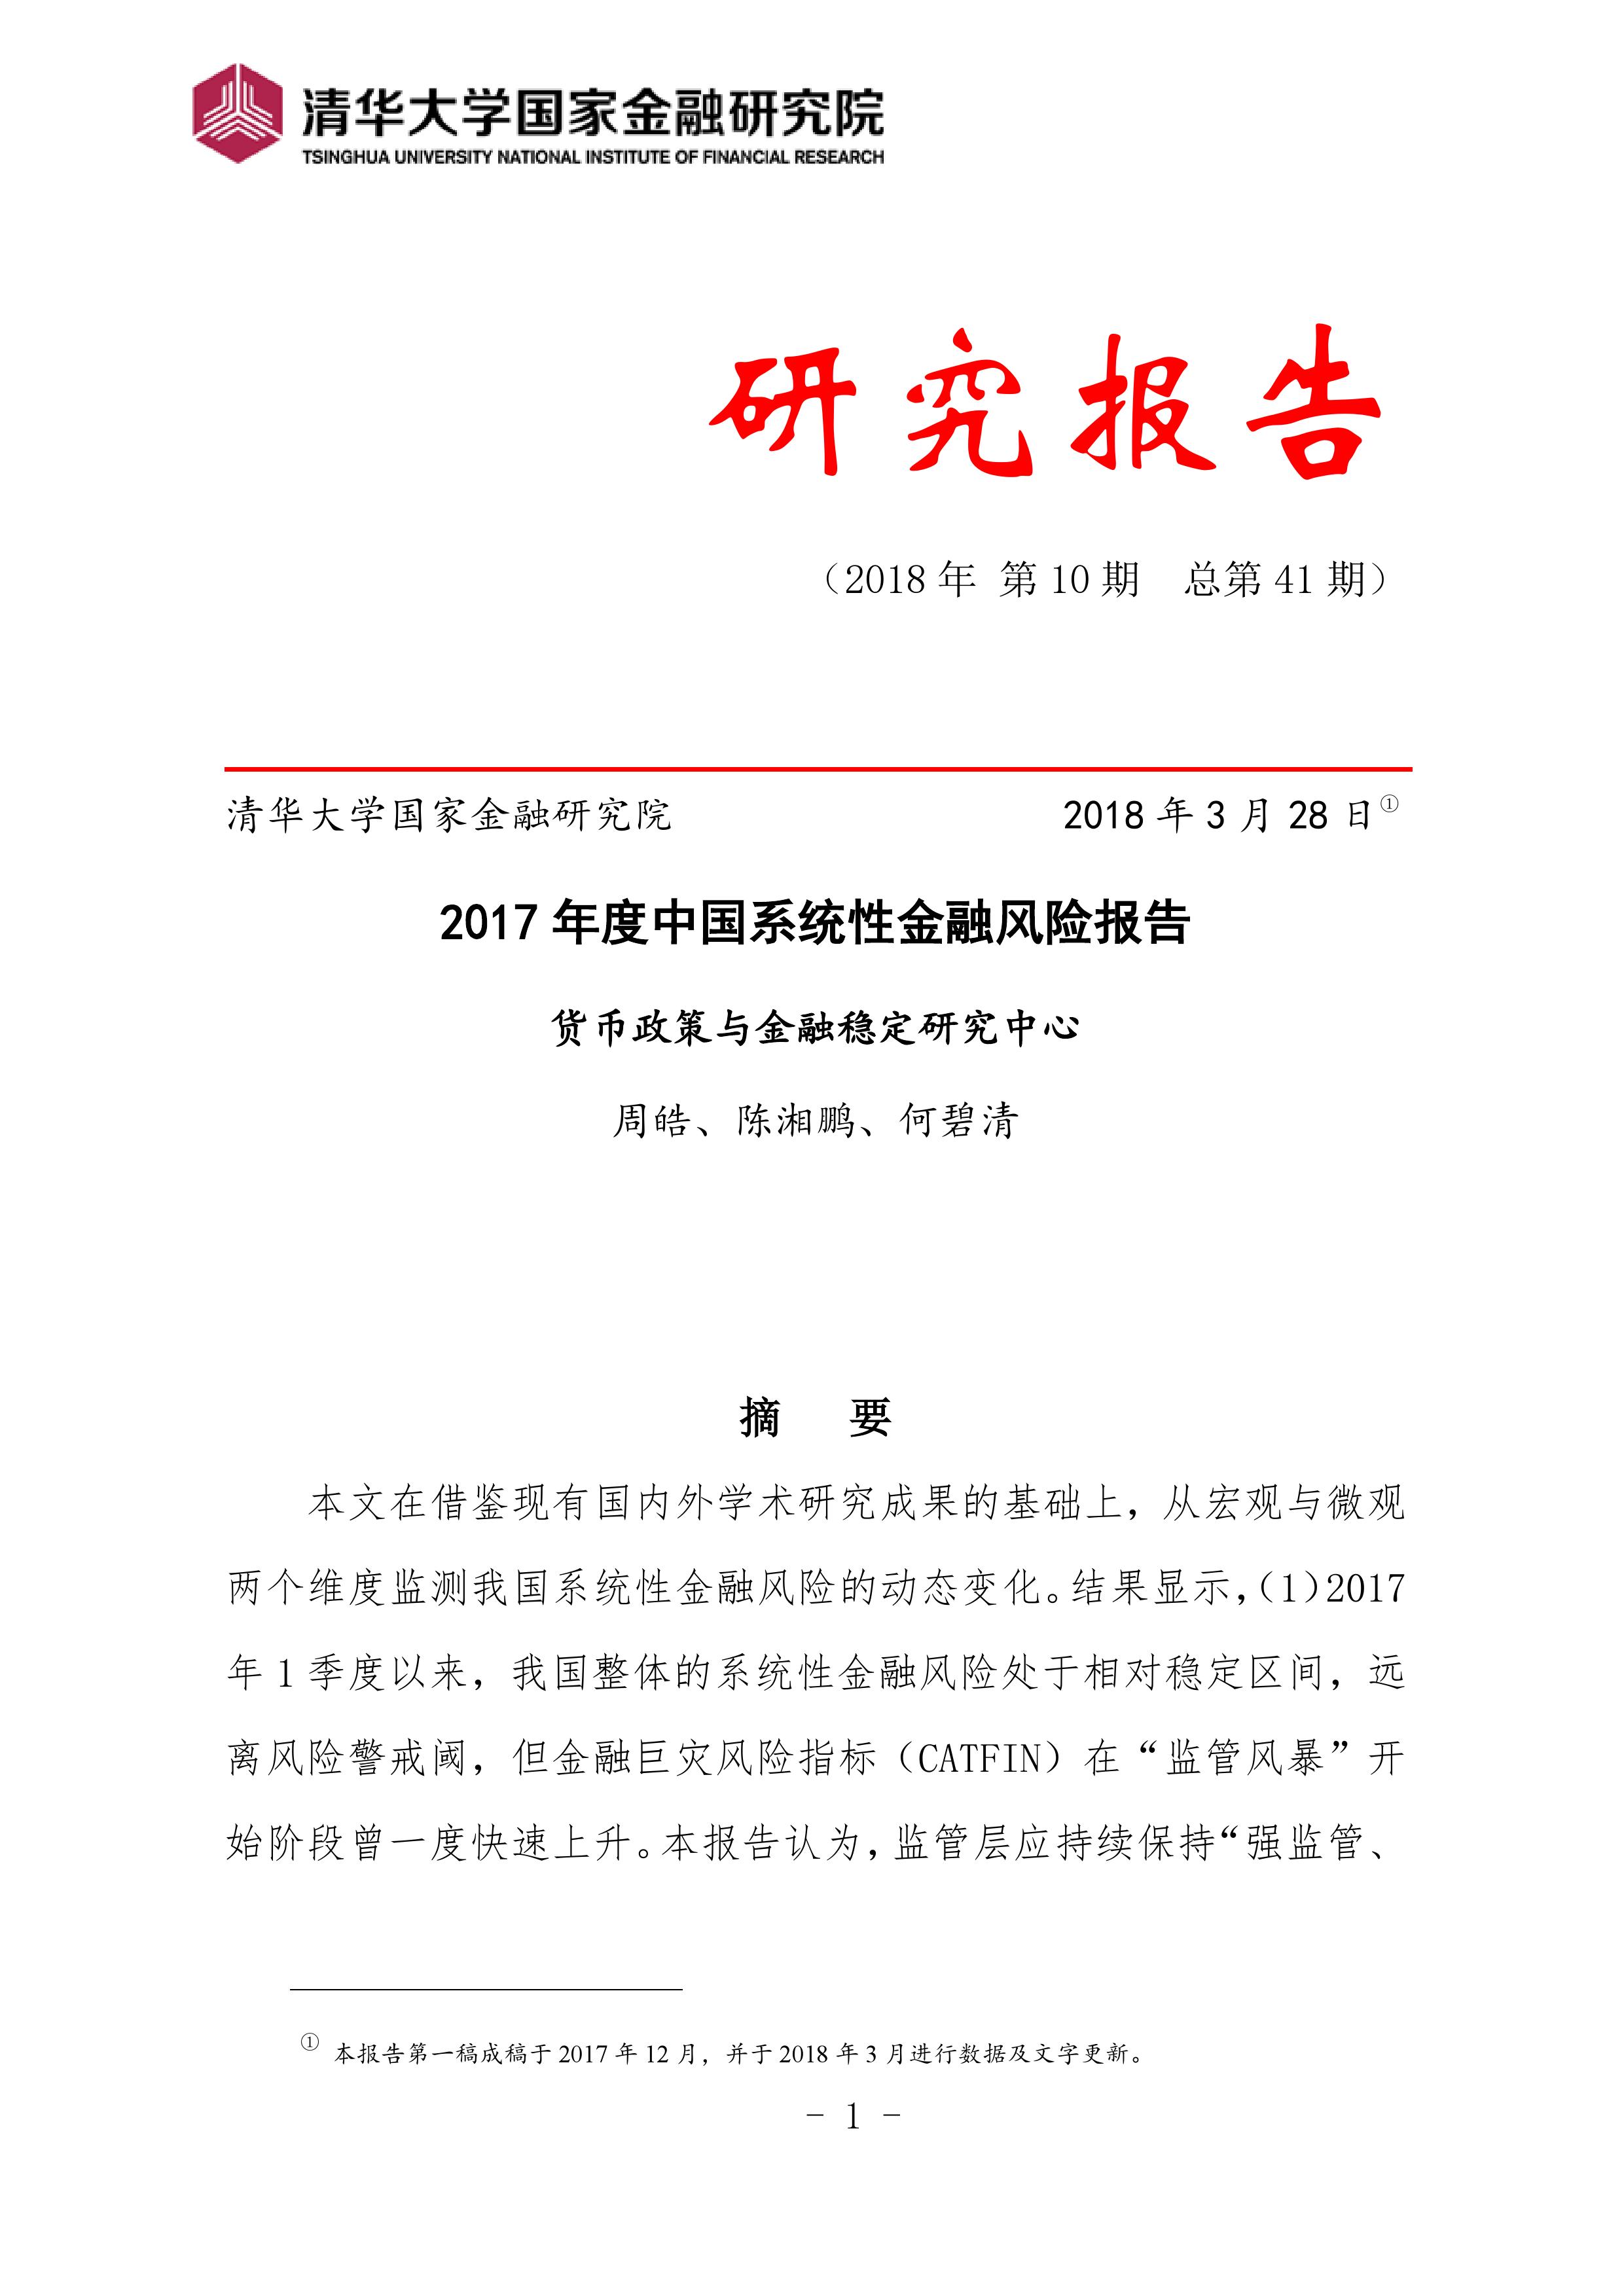 清华大学国家金融研究院:2017年度中国系统性金融风险报告(附下载)